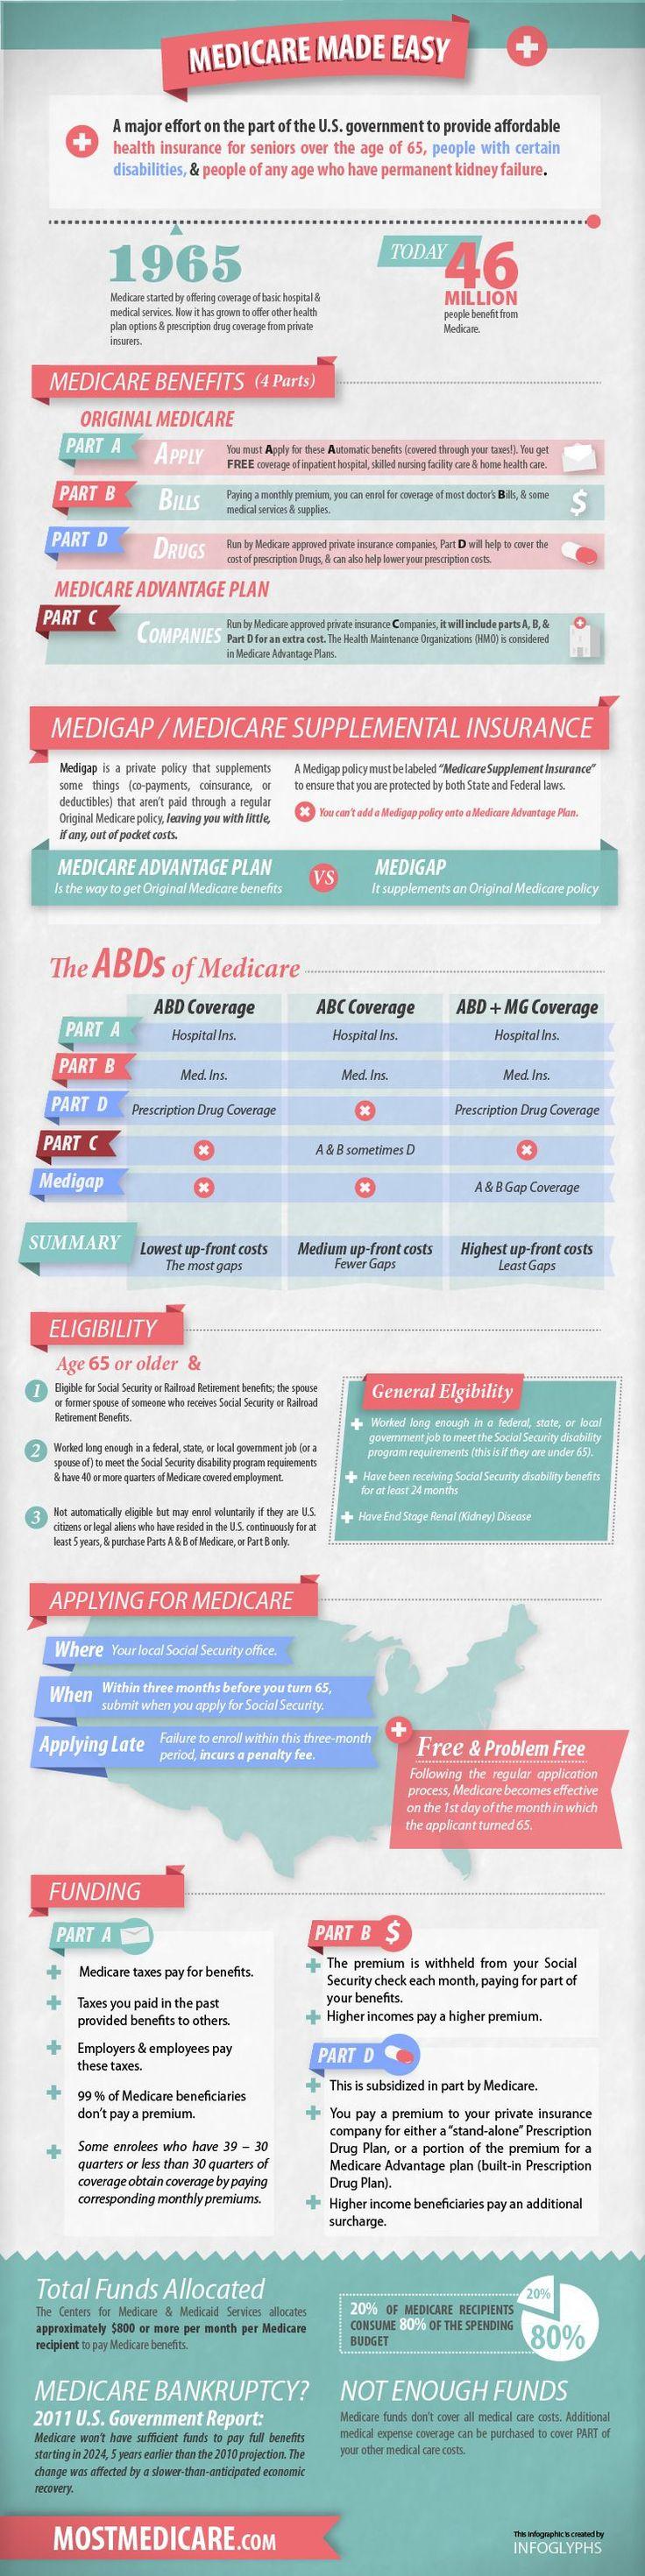 Medicare Made Easy | Source = Mostmedicare.com